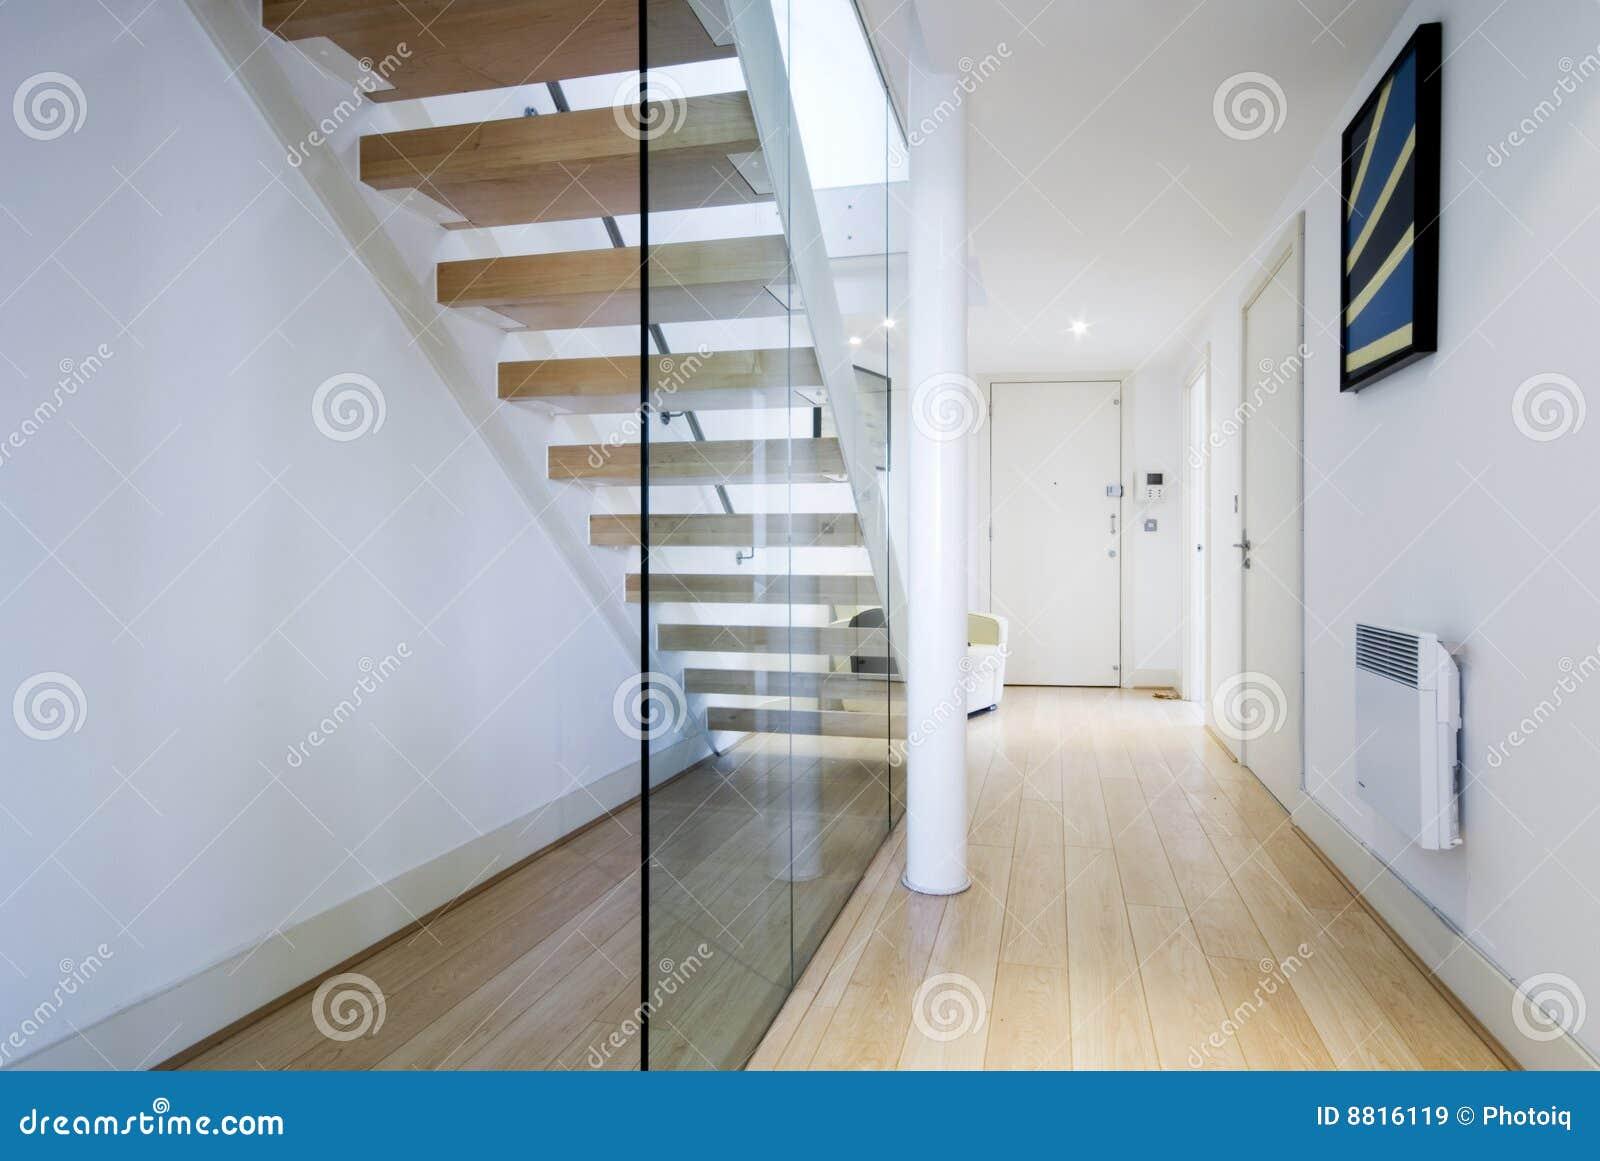 Treppenhausbeleuchtung moderne treppenhausbeleuchtung  Modernes Treppenhaus Lizenzfreies Stockfoto - Bild: 18769725